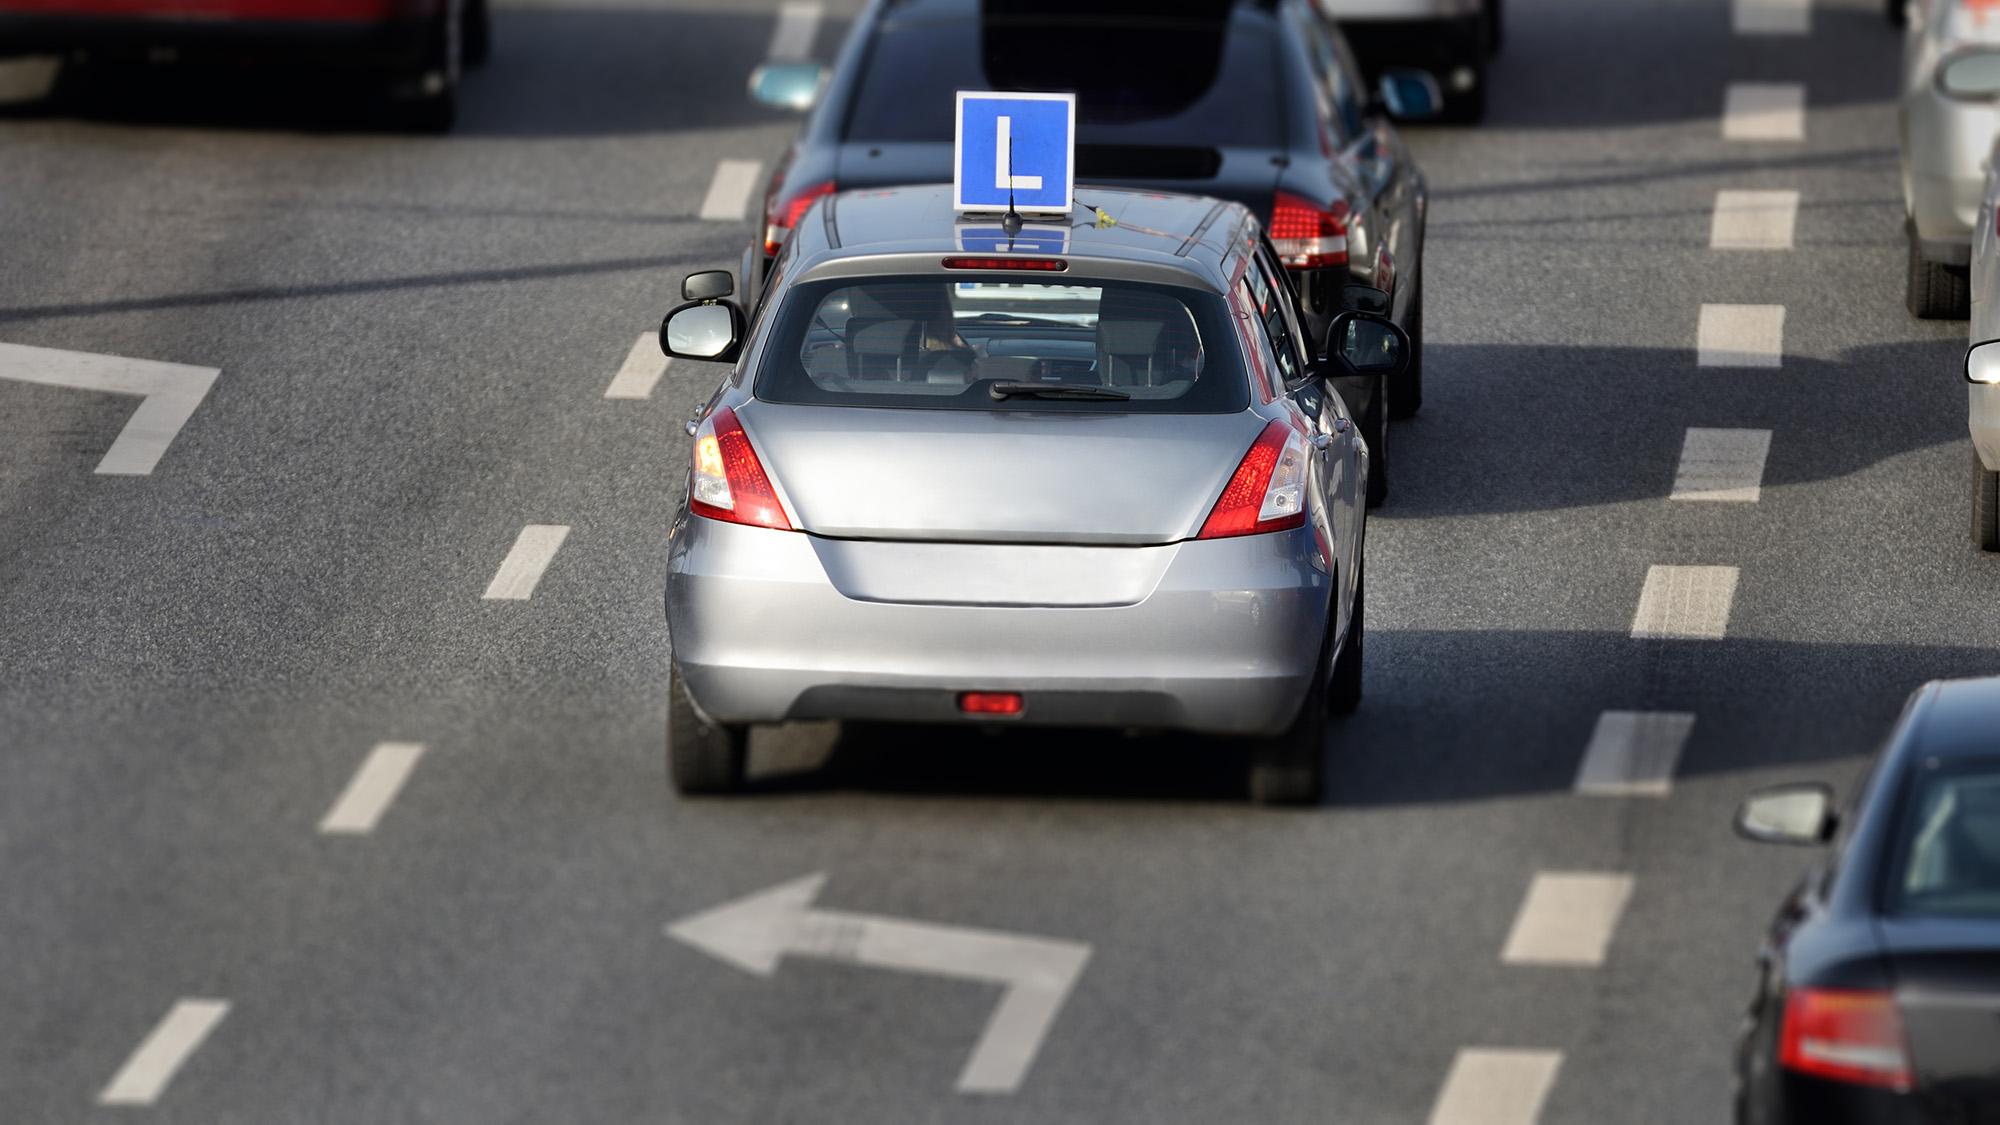 Powiat krotoszyński. Kursy dla przyszłych kierowców. Jak uzyskać prawo jazdy? Krok po kroku - Zdjęcie główne